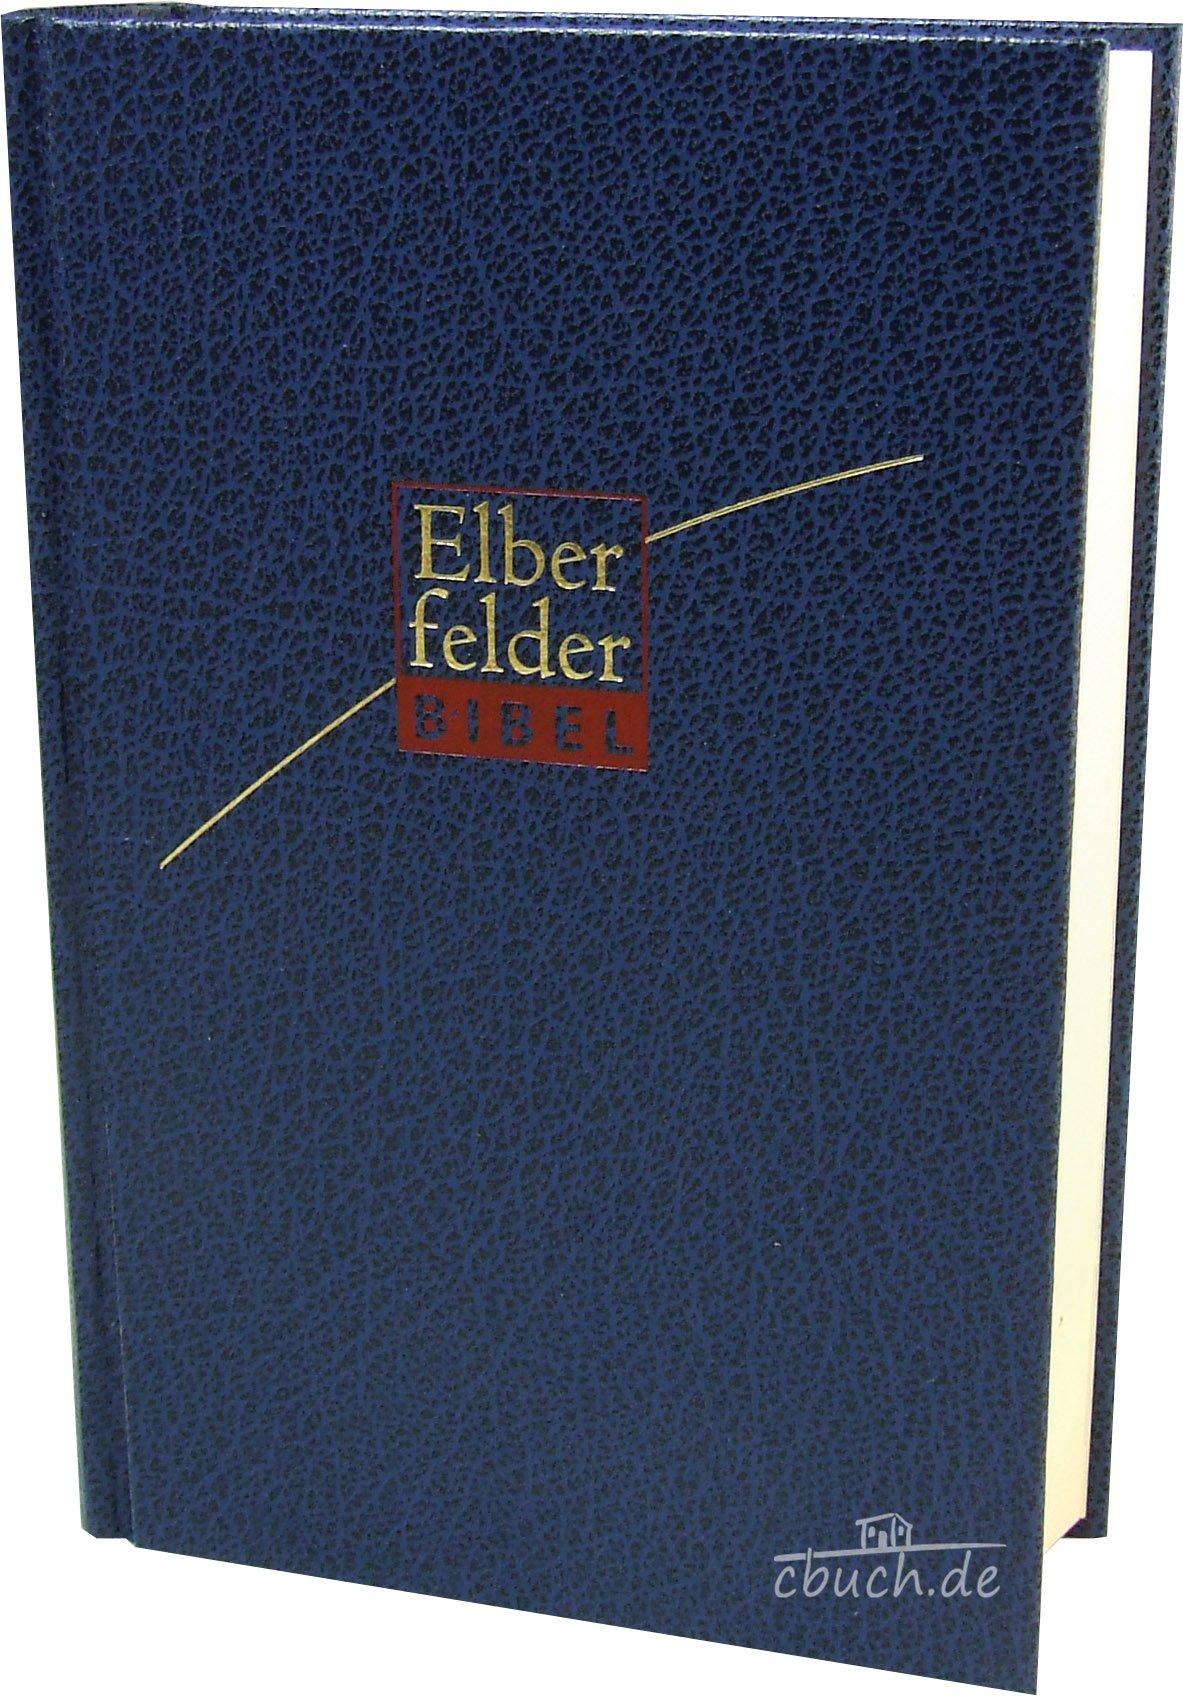 Elberfelder Bibel 2006, Taschenausgabe, Skivertex blau